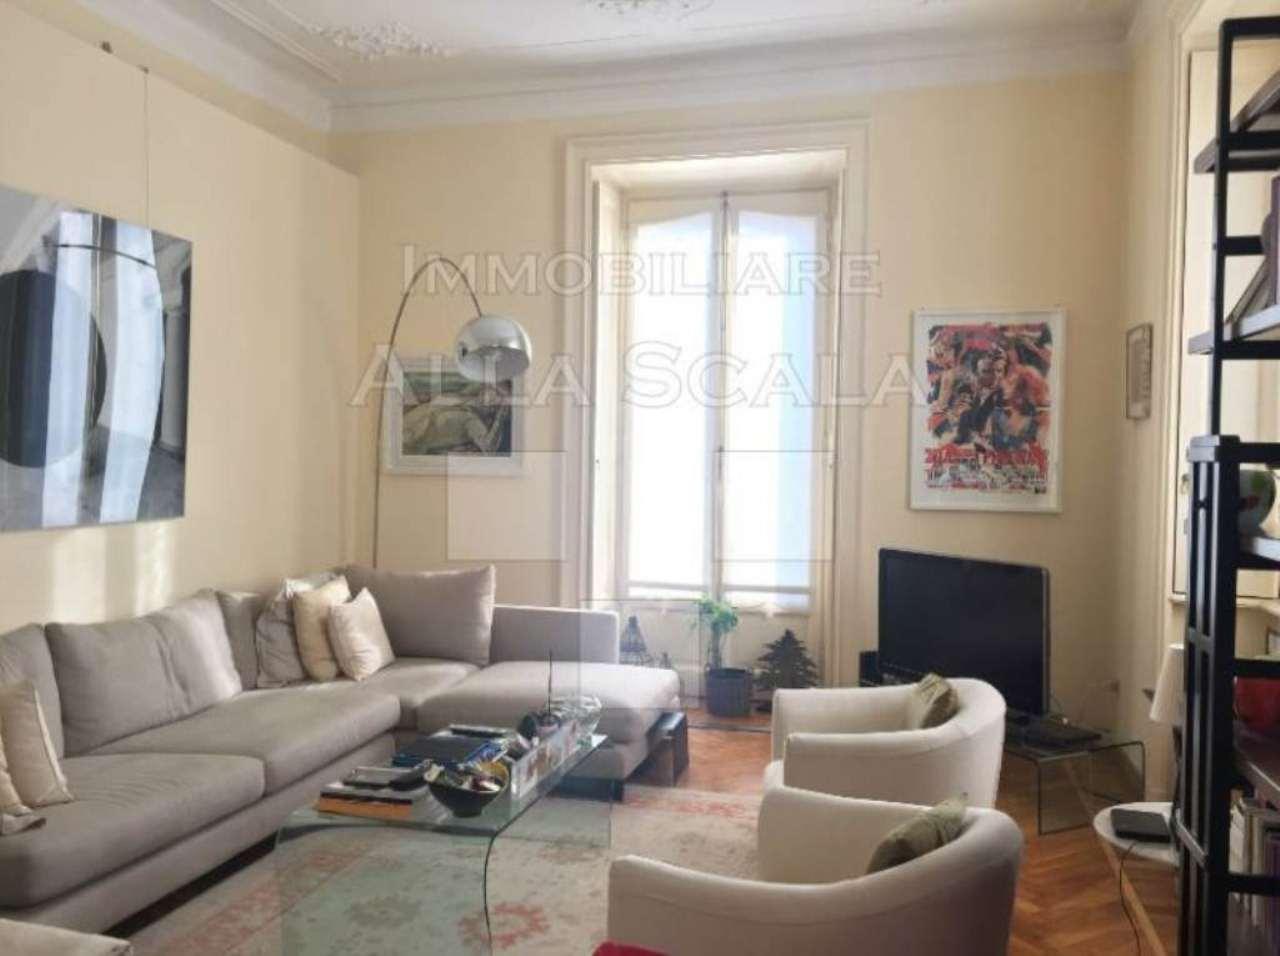 Appartamento in affitto a Milano, 3 locali, zona Zona: 1 . Centro Storico, Duomo, Brera, Cadorna, Cattolica, prezzo € 2.330 | Cambio Casa.it